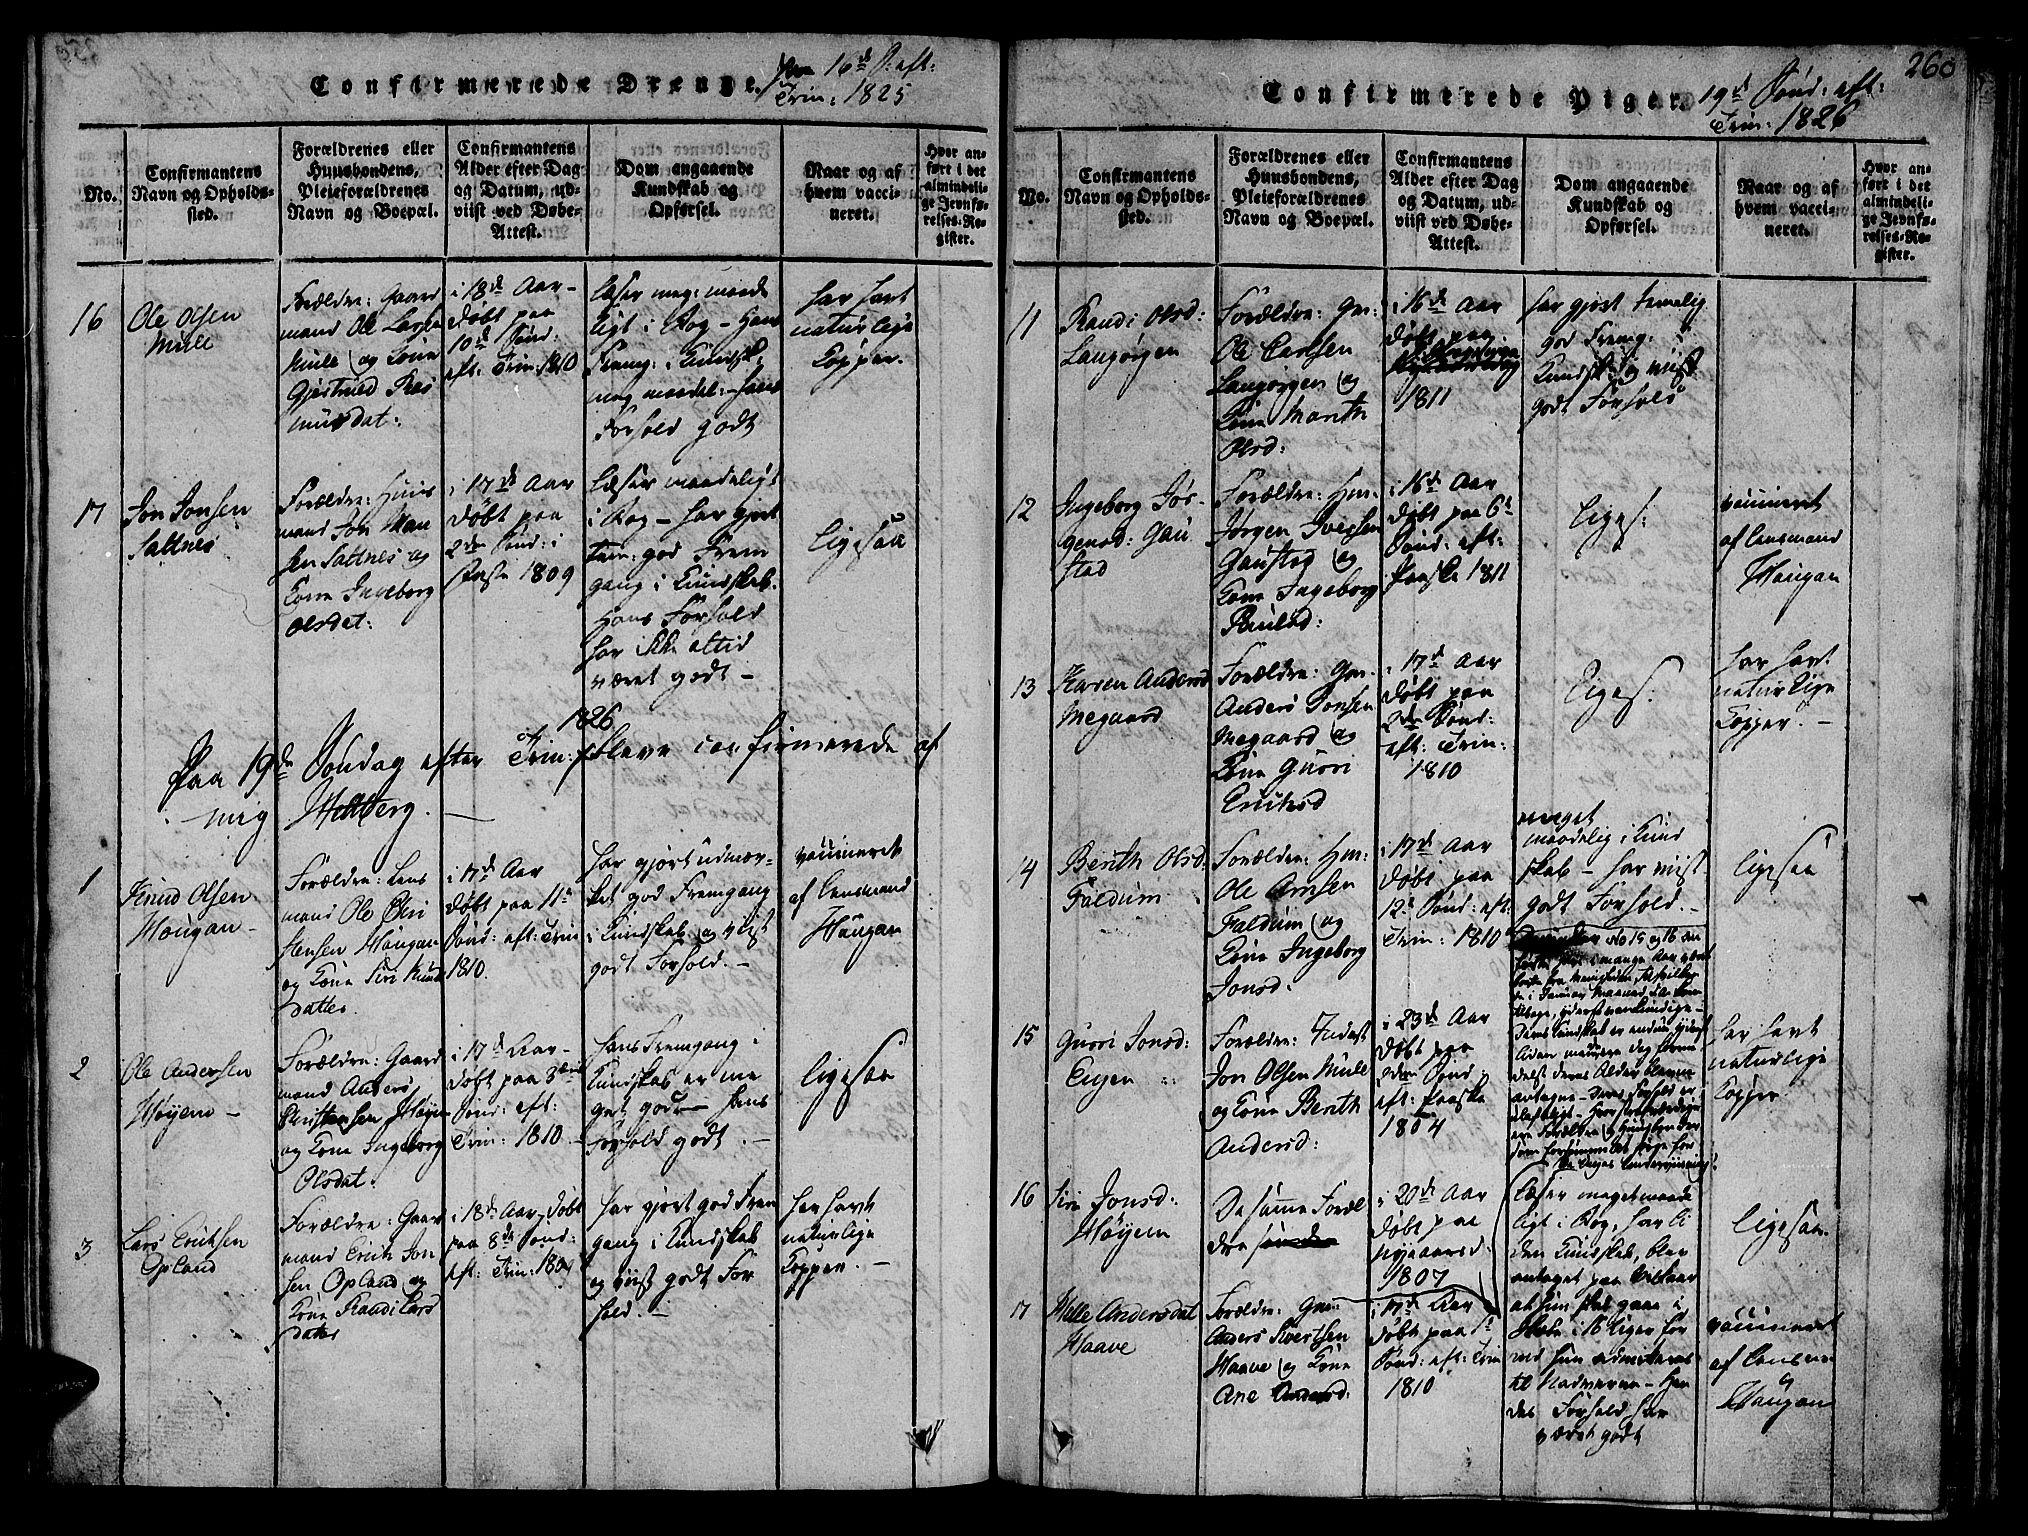 SAT, Ministerialprotokoller, klokkerbøker og fødselsregistre - Sør-Trøndelag, 612/L0372: Ministerialbok nr. 612A06 /1, 1816-1828, s. 260